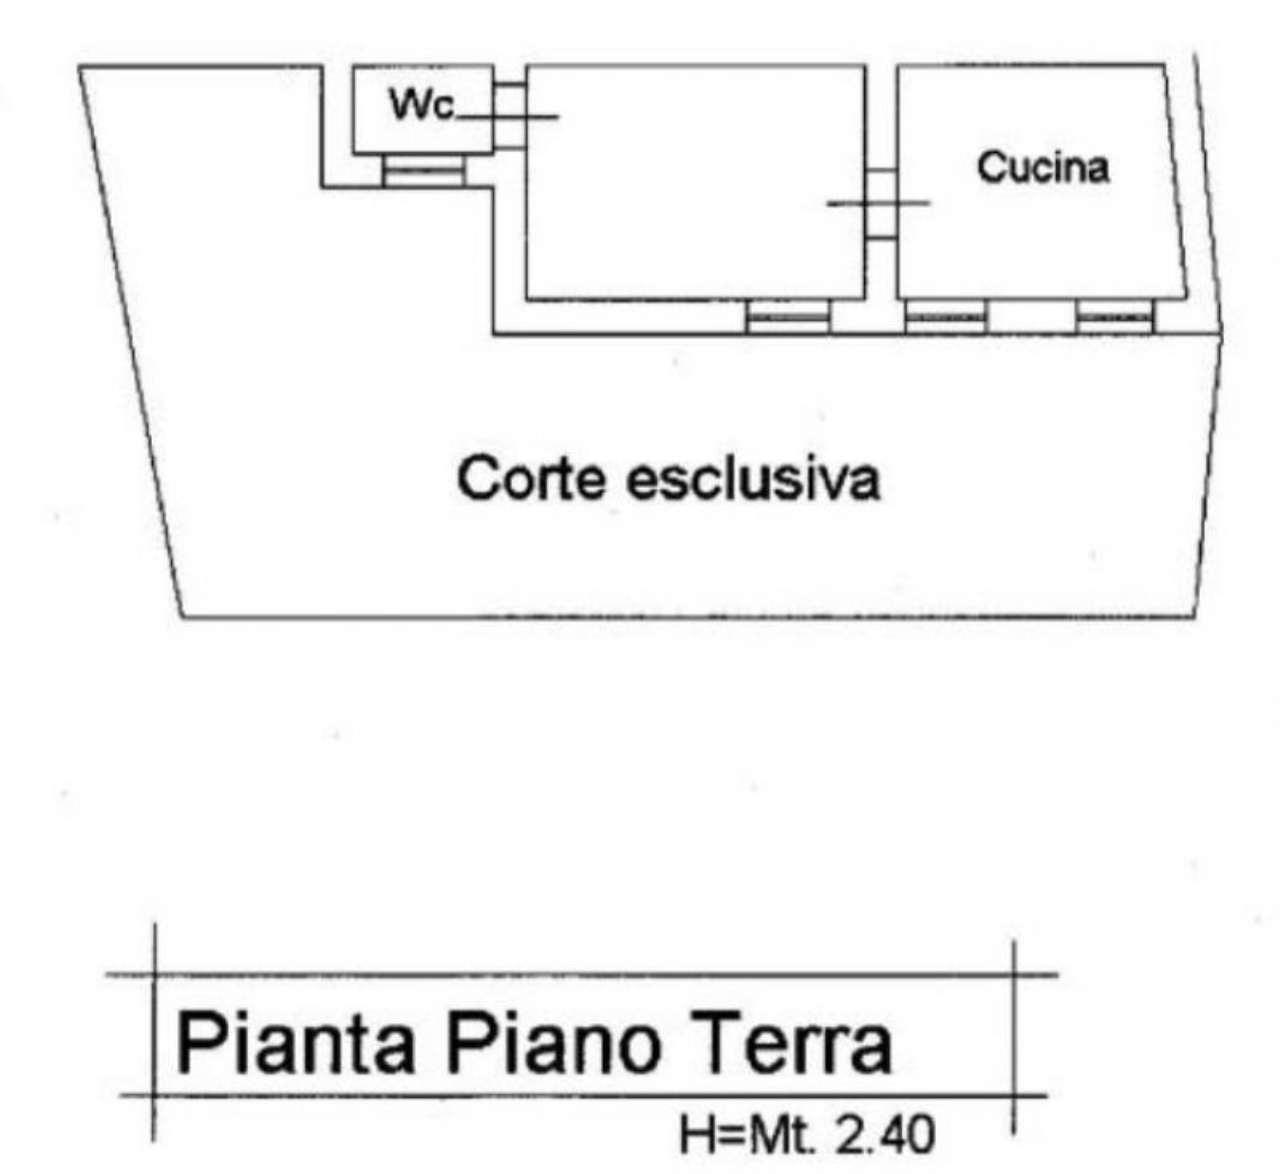 Vendita  bilocale Massa Via San Remigio Di Sopra 1 912657